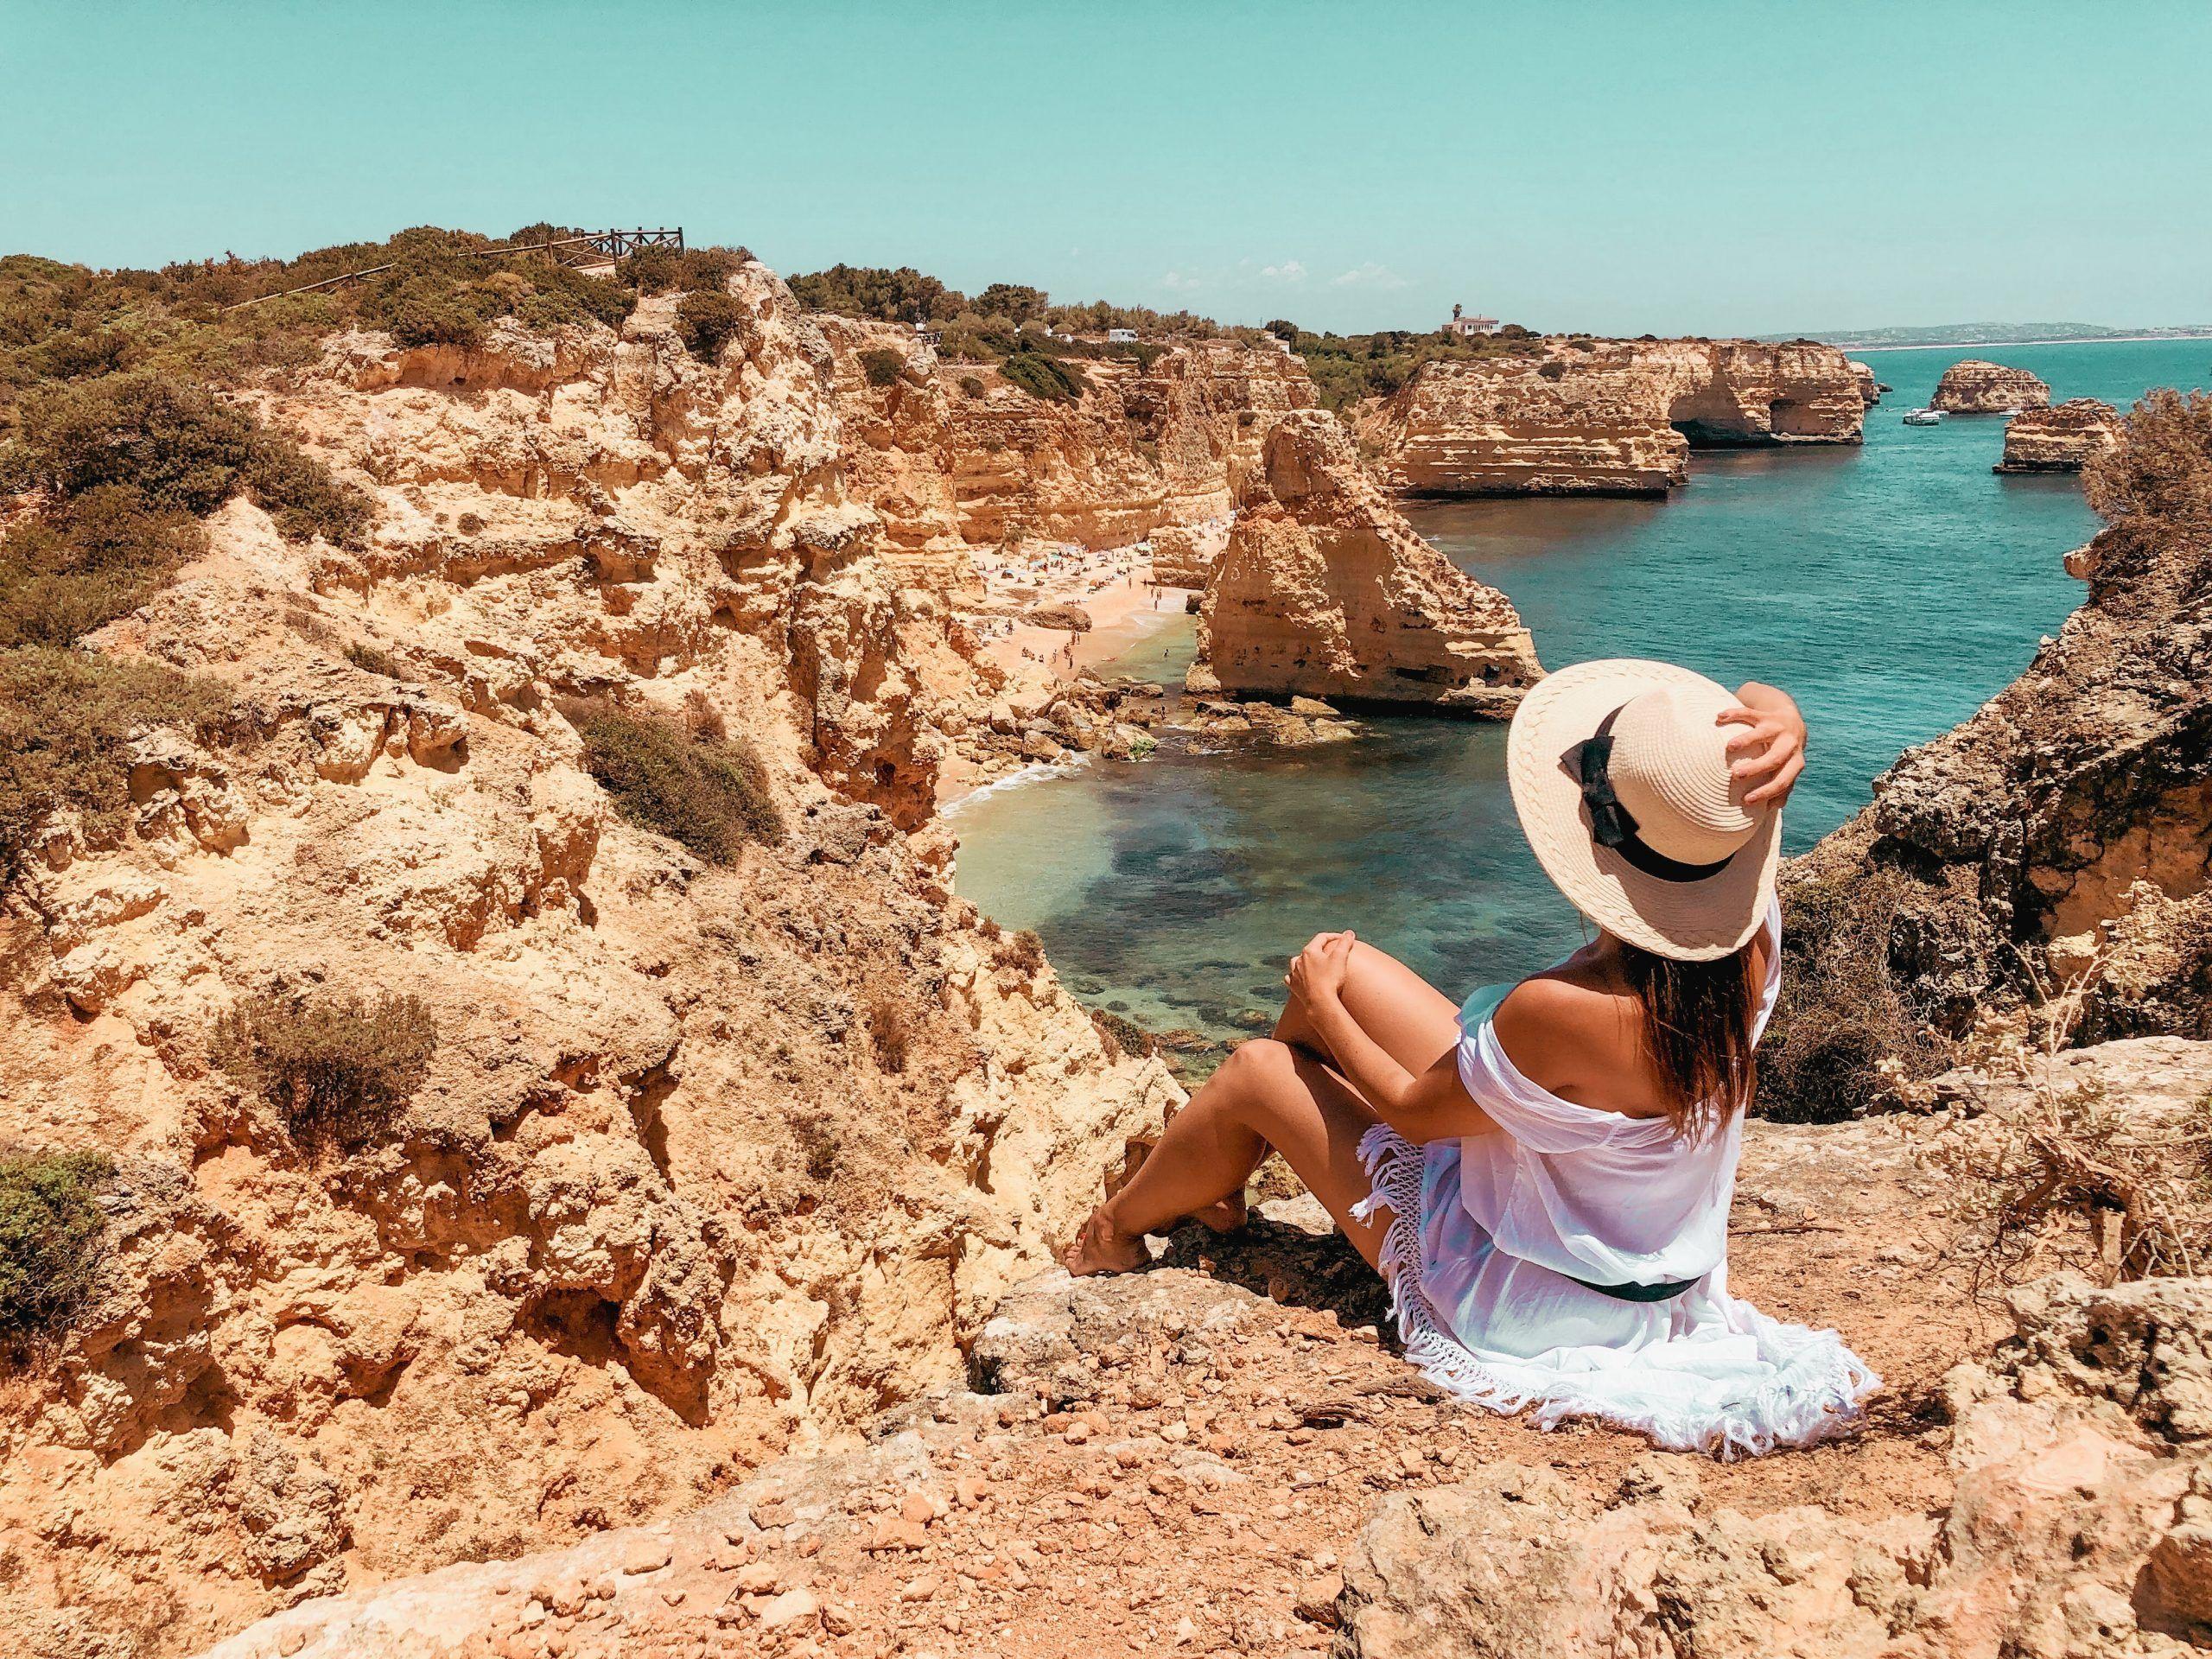 Praia da Marinha, una de las mejores playas del Algarve Portugués